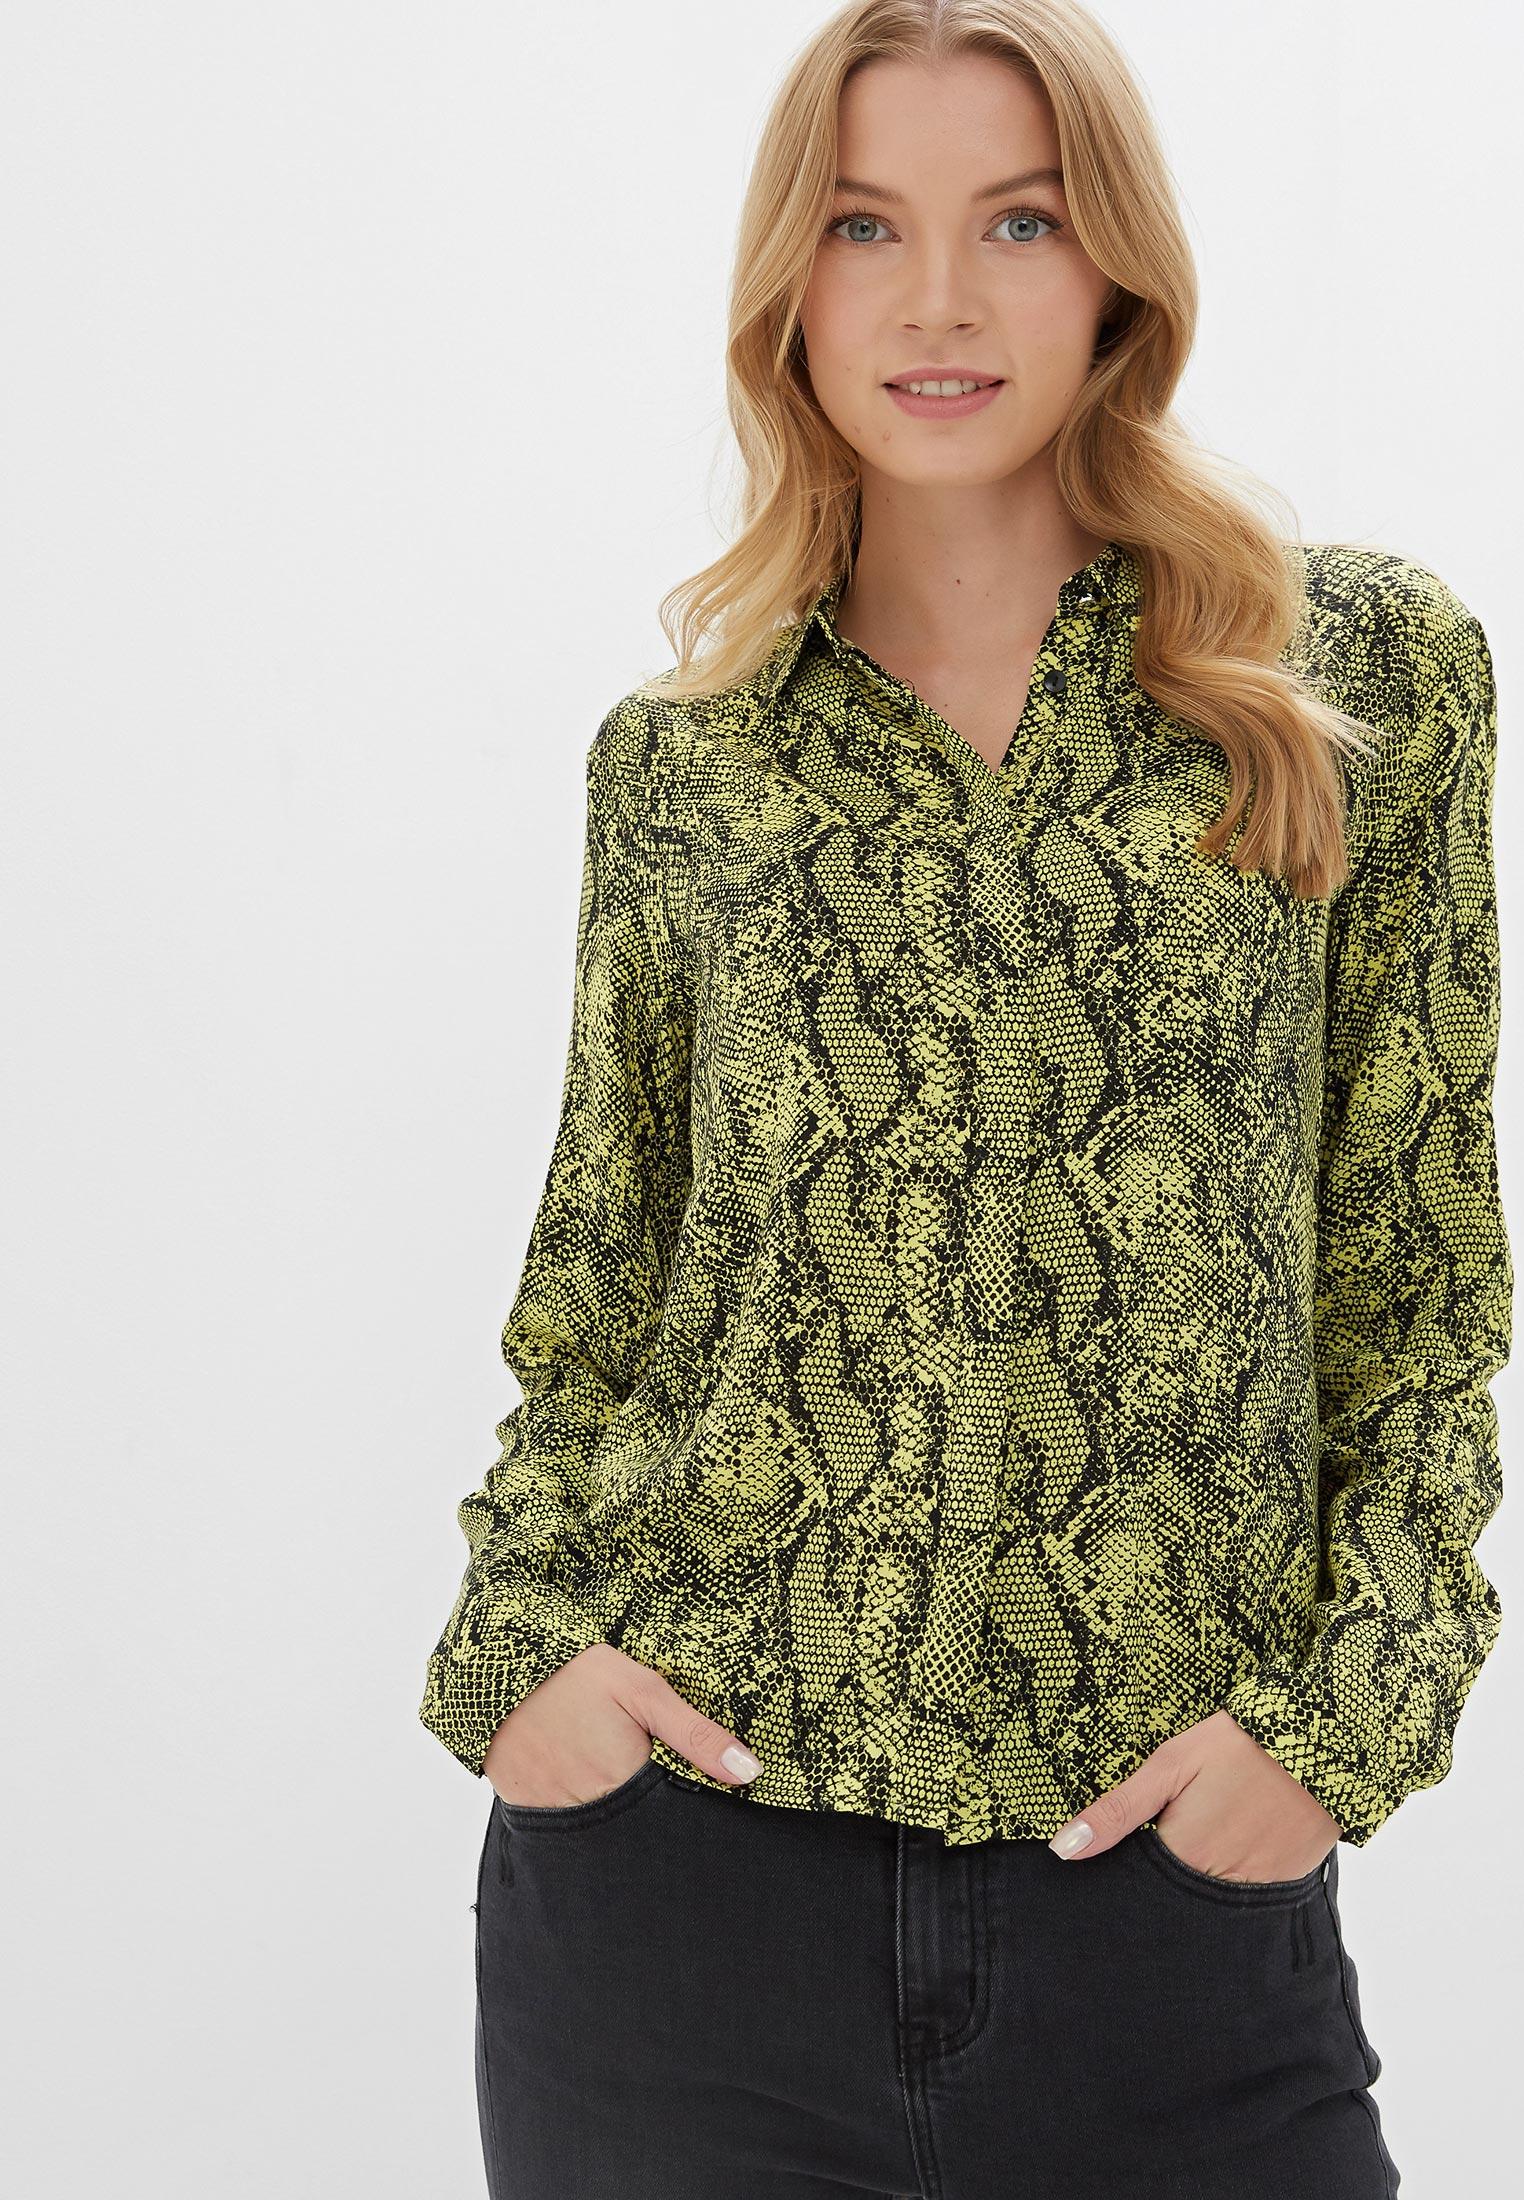 Блуза Top Secret купить за 899 ₽ в интернет-магазине Lamoda.ru